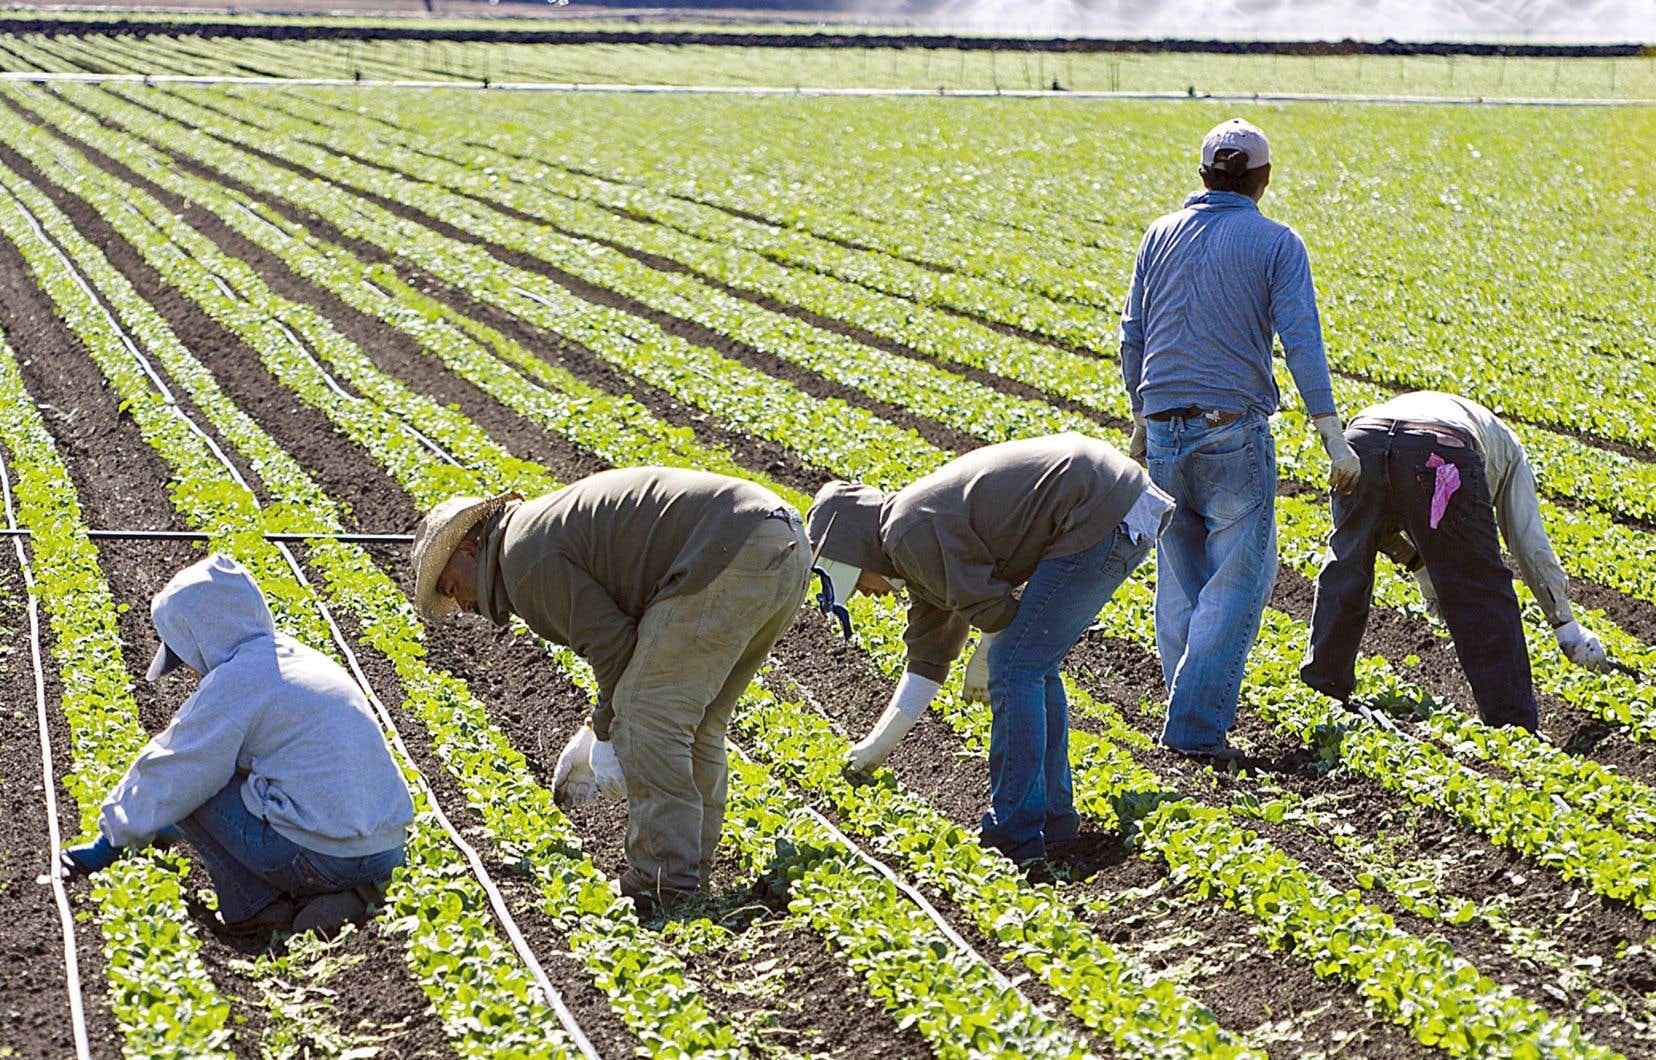 La situation des travailleurs est difficile entre autres en raison de l'éloignement familial et du rythme intense de travail (souvent 17 ou 18 heures par jour à cause de la pénurie de main-d'oeuvre).